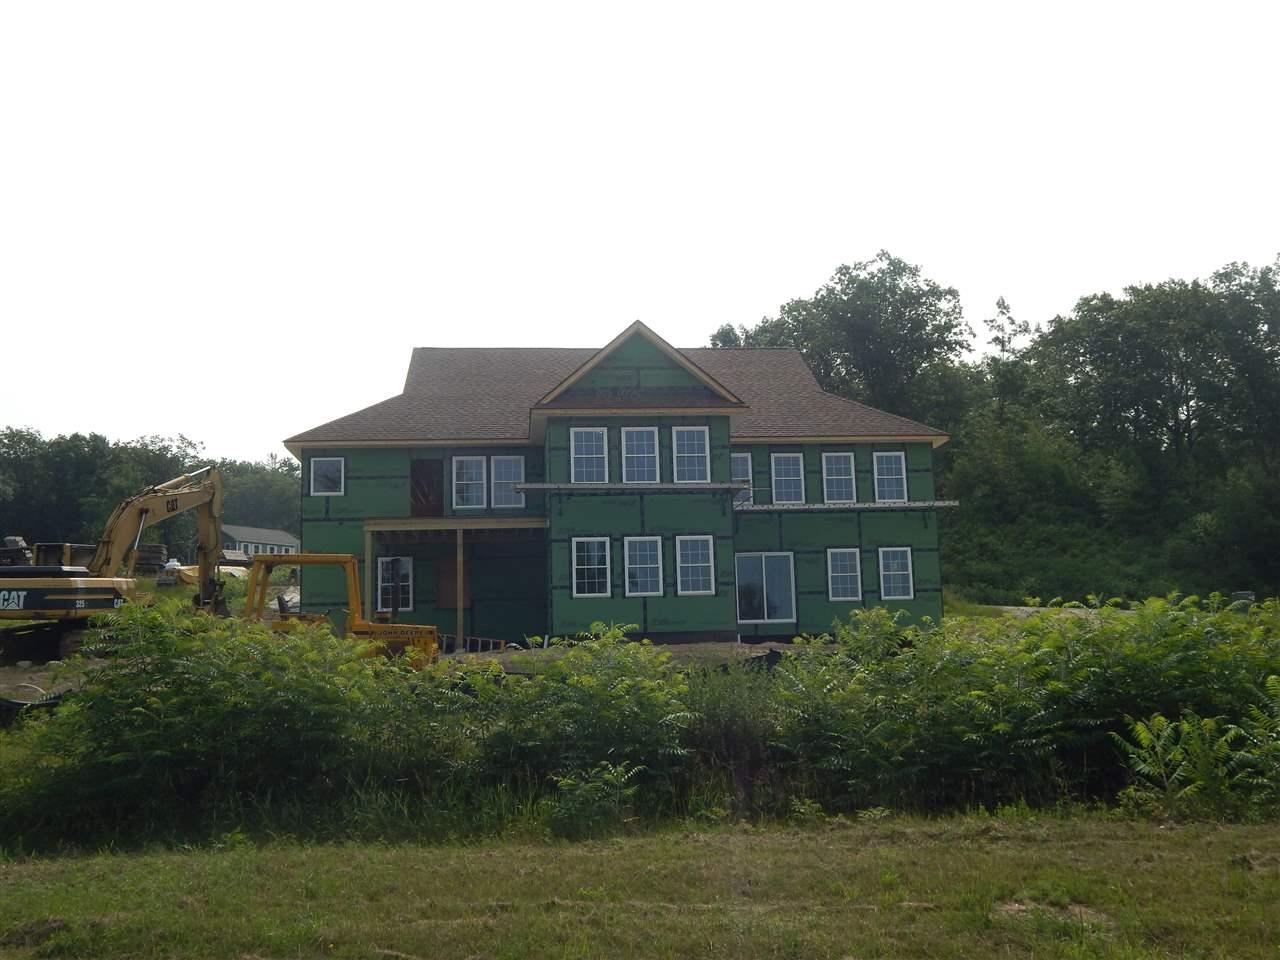 Photo of 84 Sun Lake Drive Belmont NH 03220